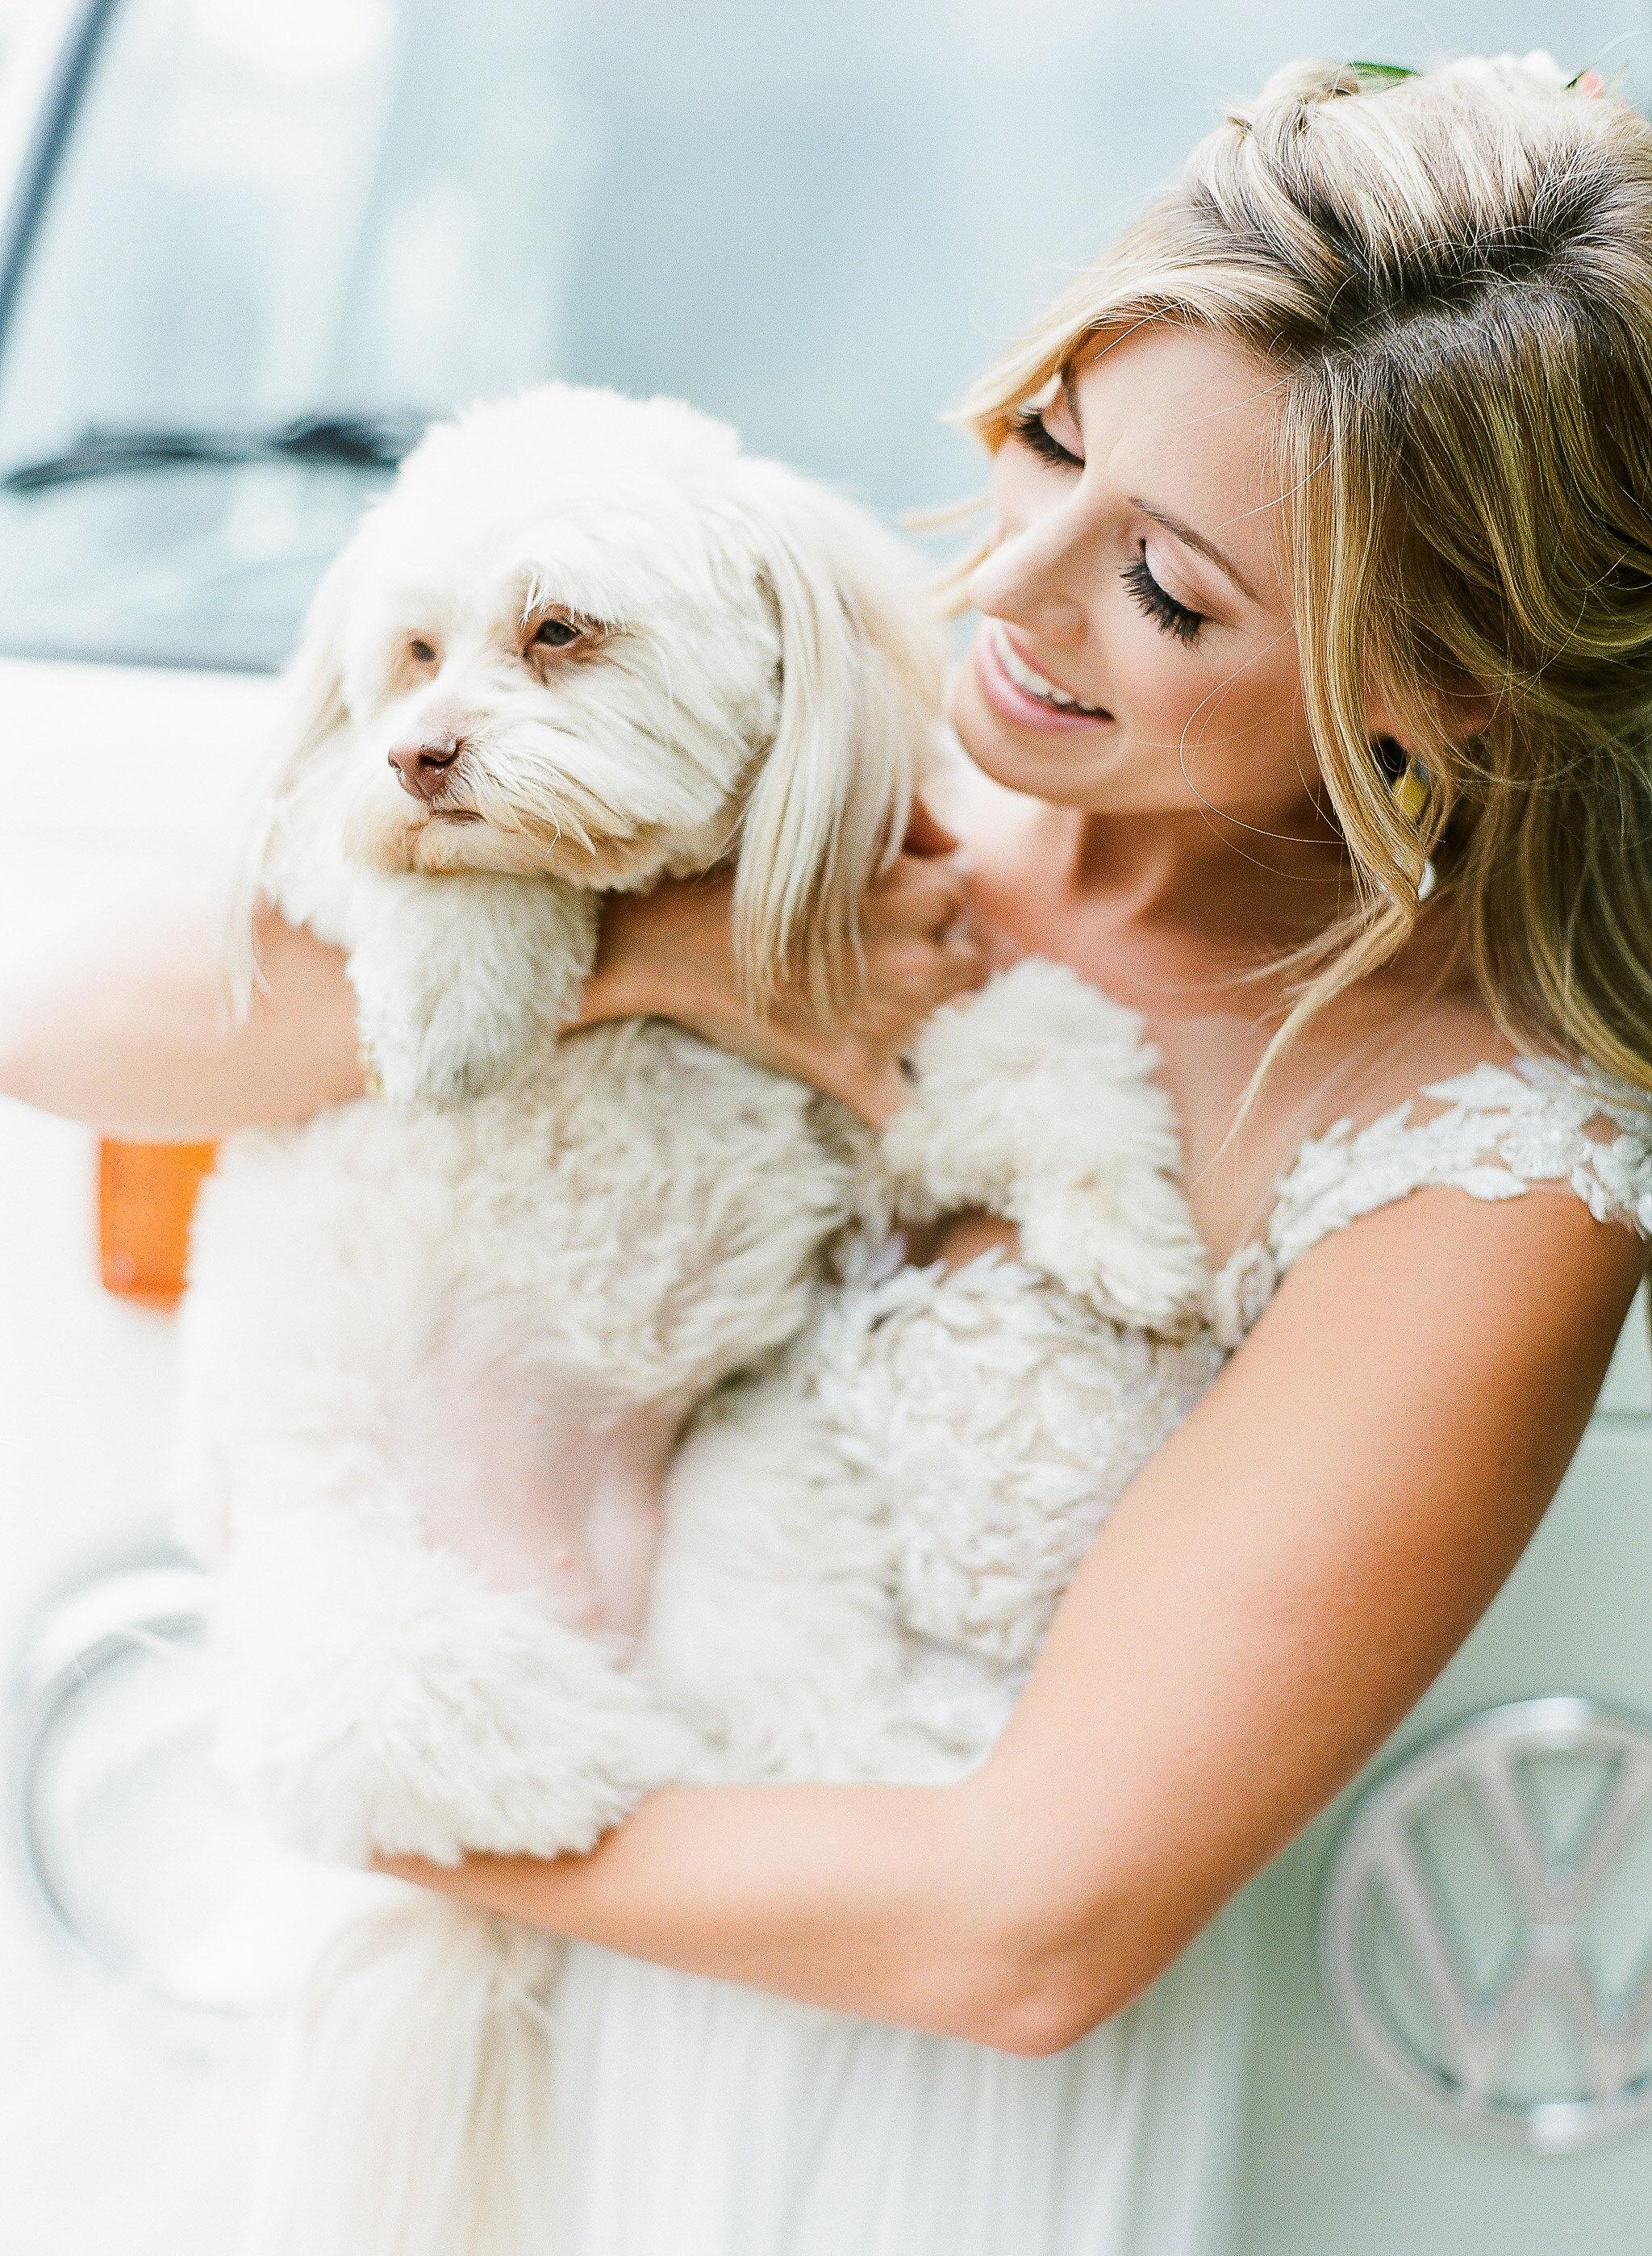 aubrey austin wedding puppy